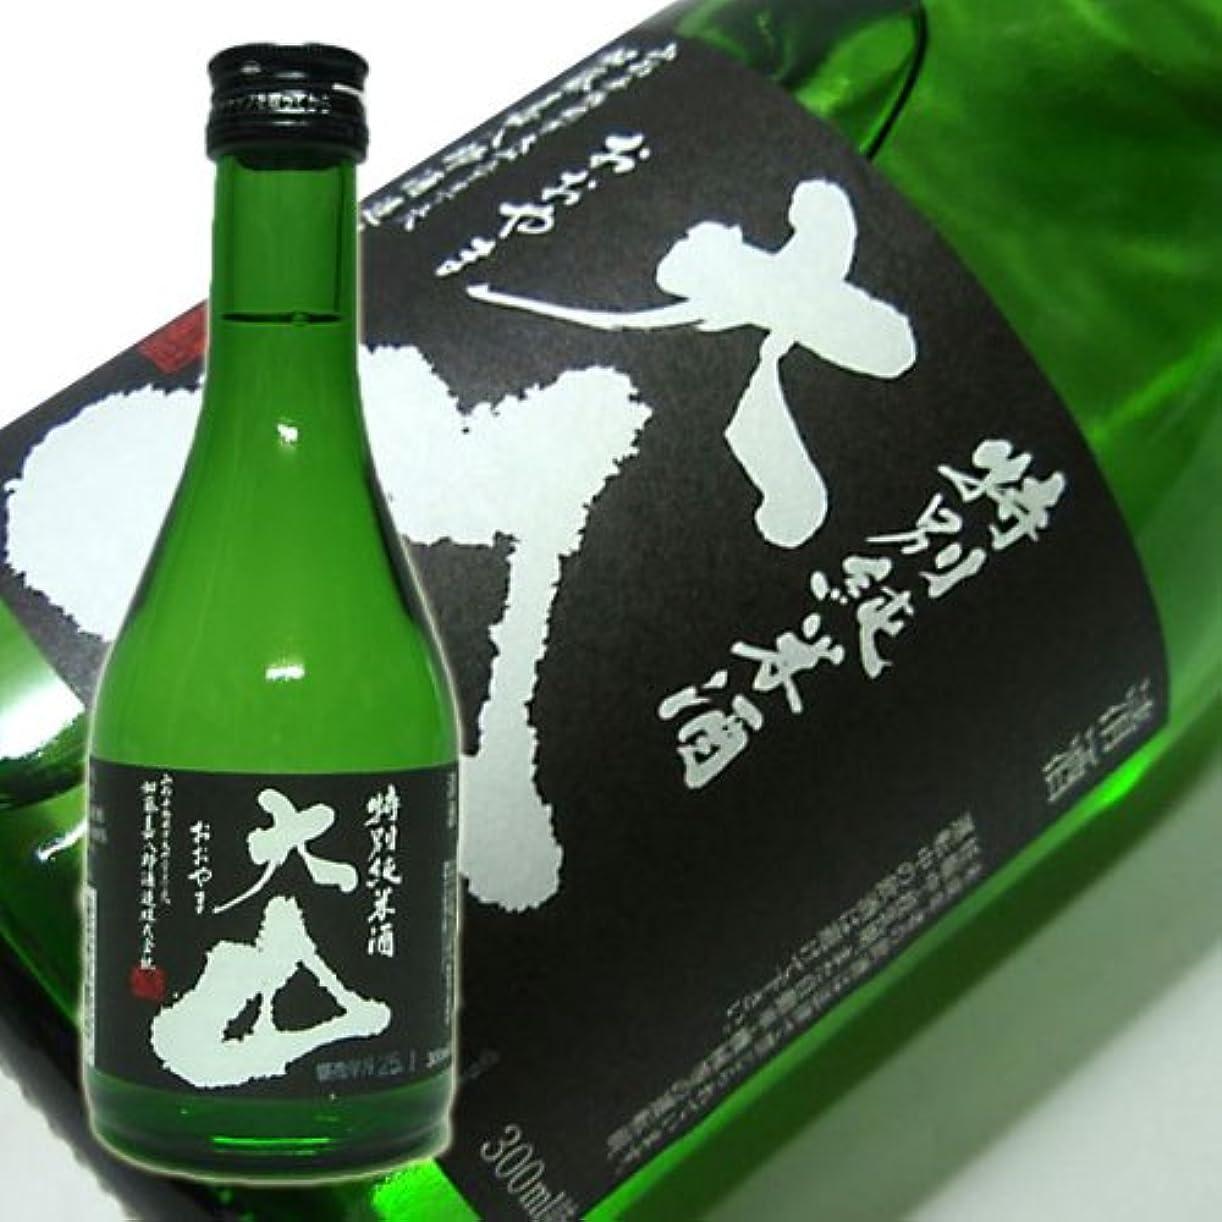 アメリカ大胆不敵クラッシュ大山 特別純米酒 加藤嘉八郎酒造 日本酒 300ml